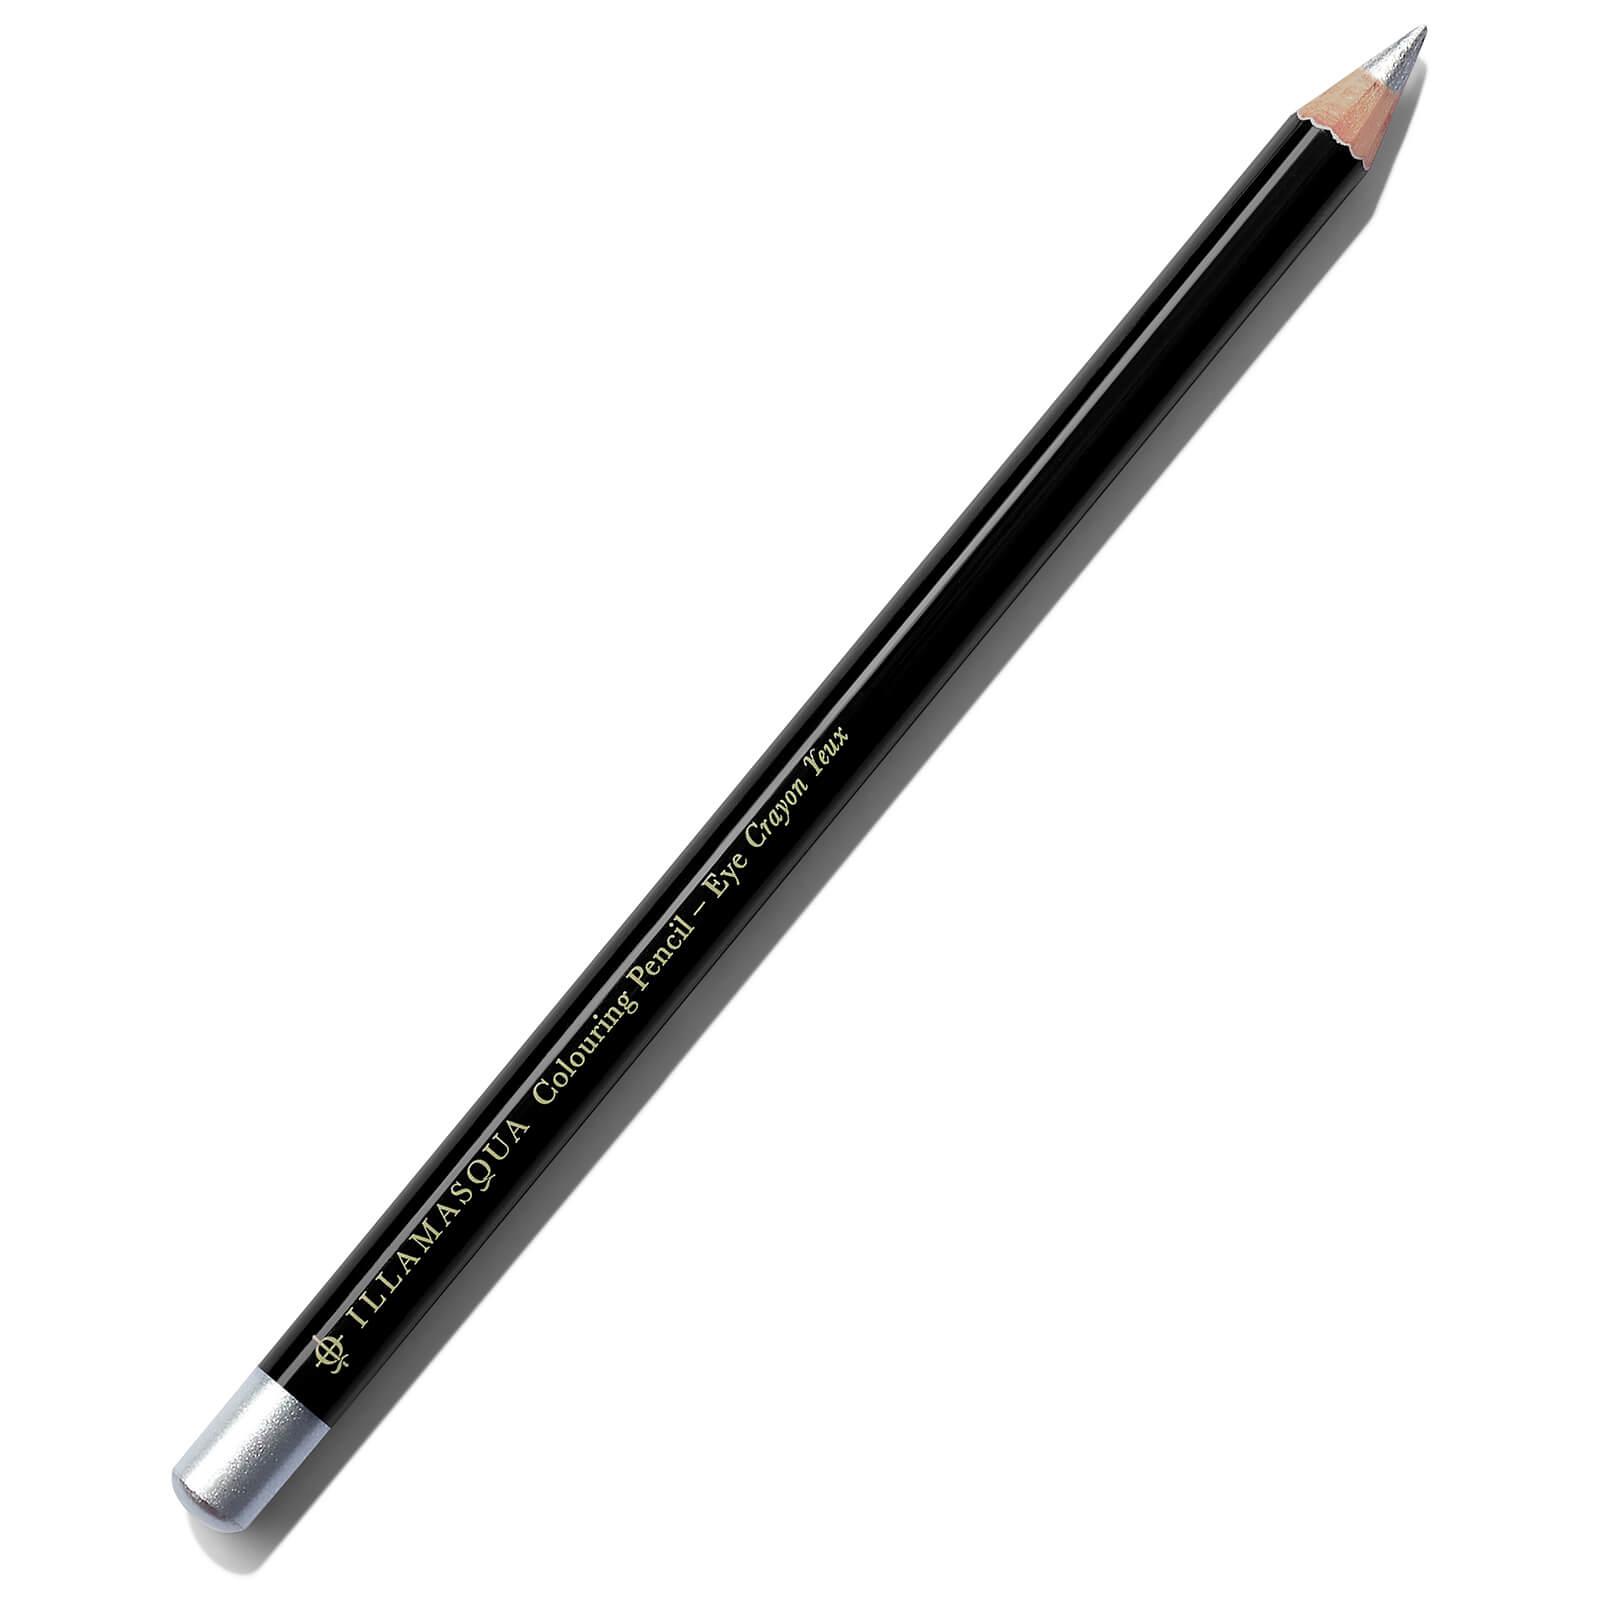 Купить Карандаш для глаз Illamasqua Colouring Eye Pencil 1, 4 г (различные оттенки) - Foil